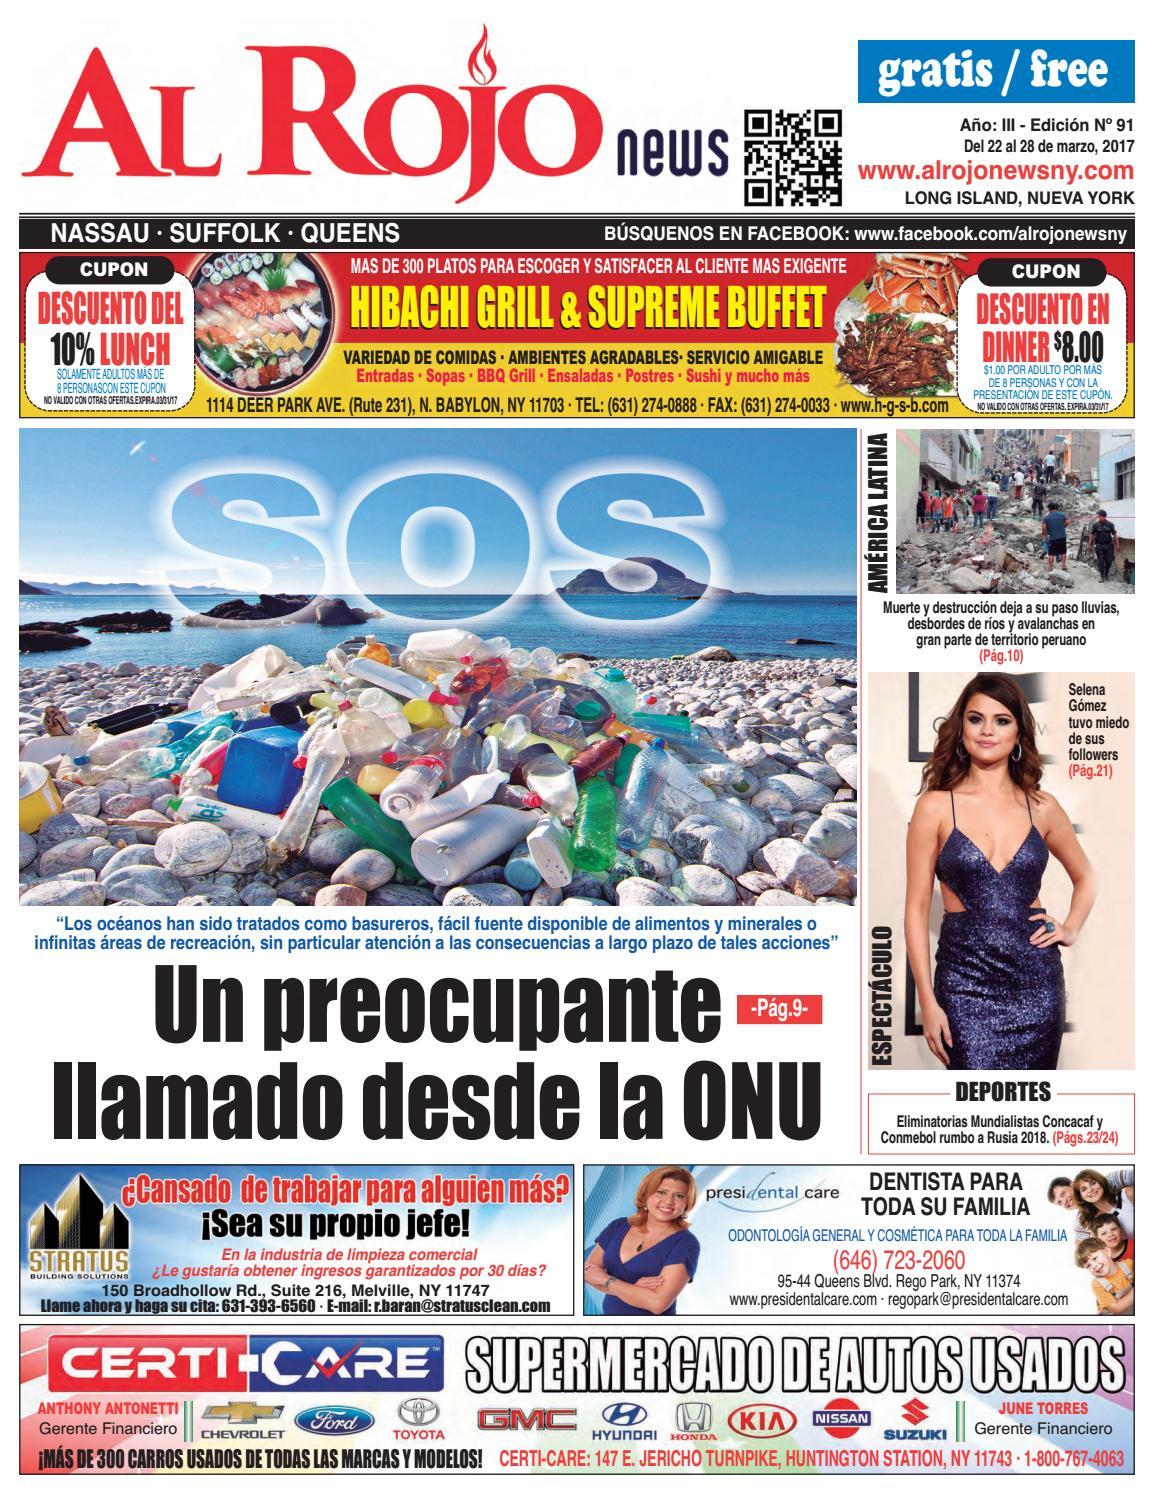 Al Rojo News año III edición 91 by Jose Rivas - issuu